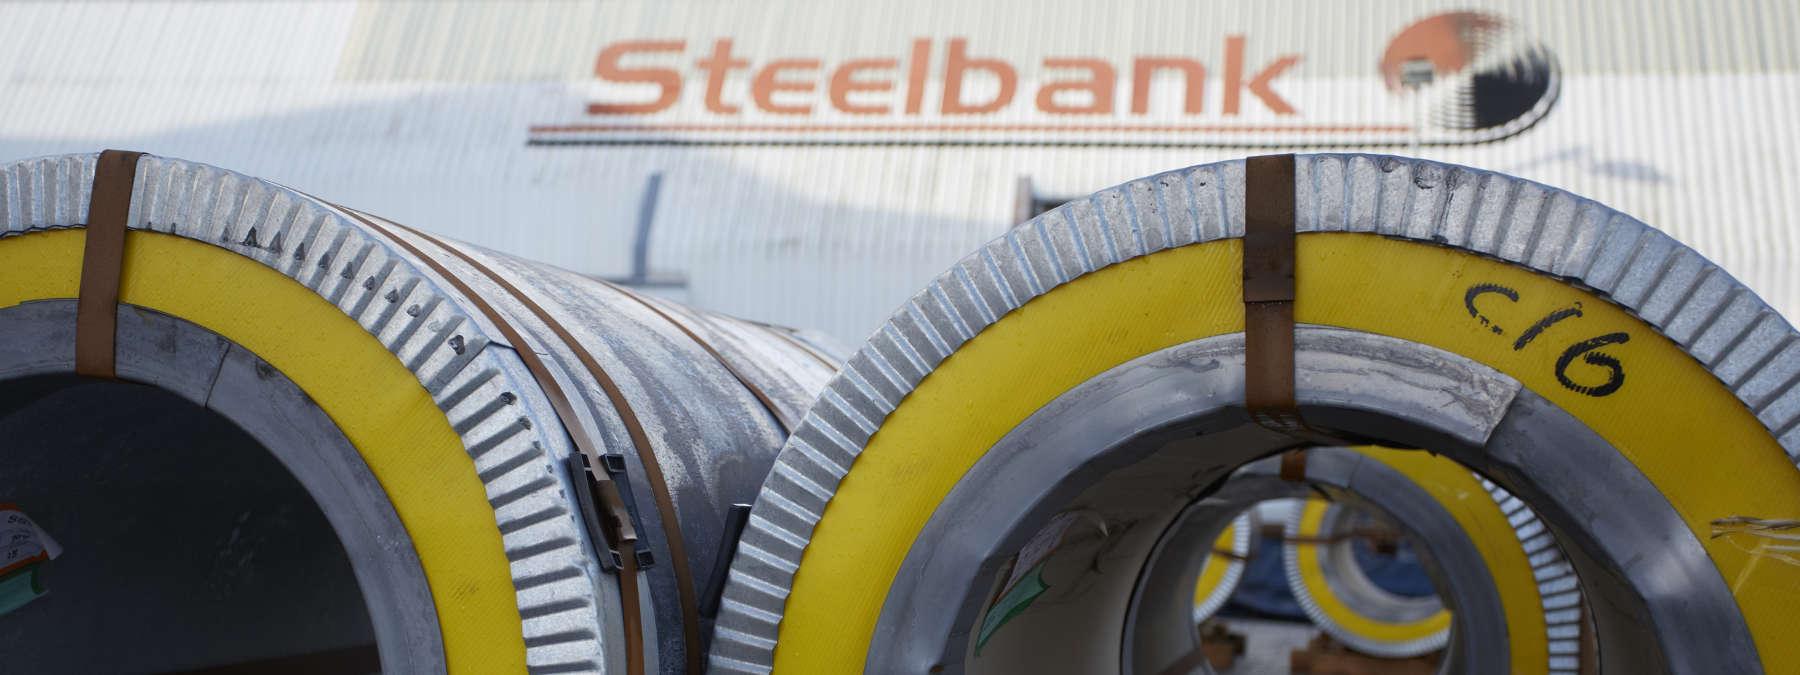 Stainless-Steel-Coils-Slide-4